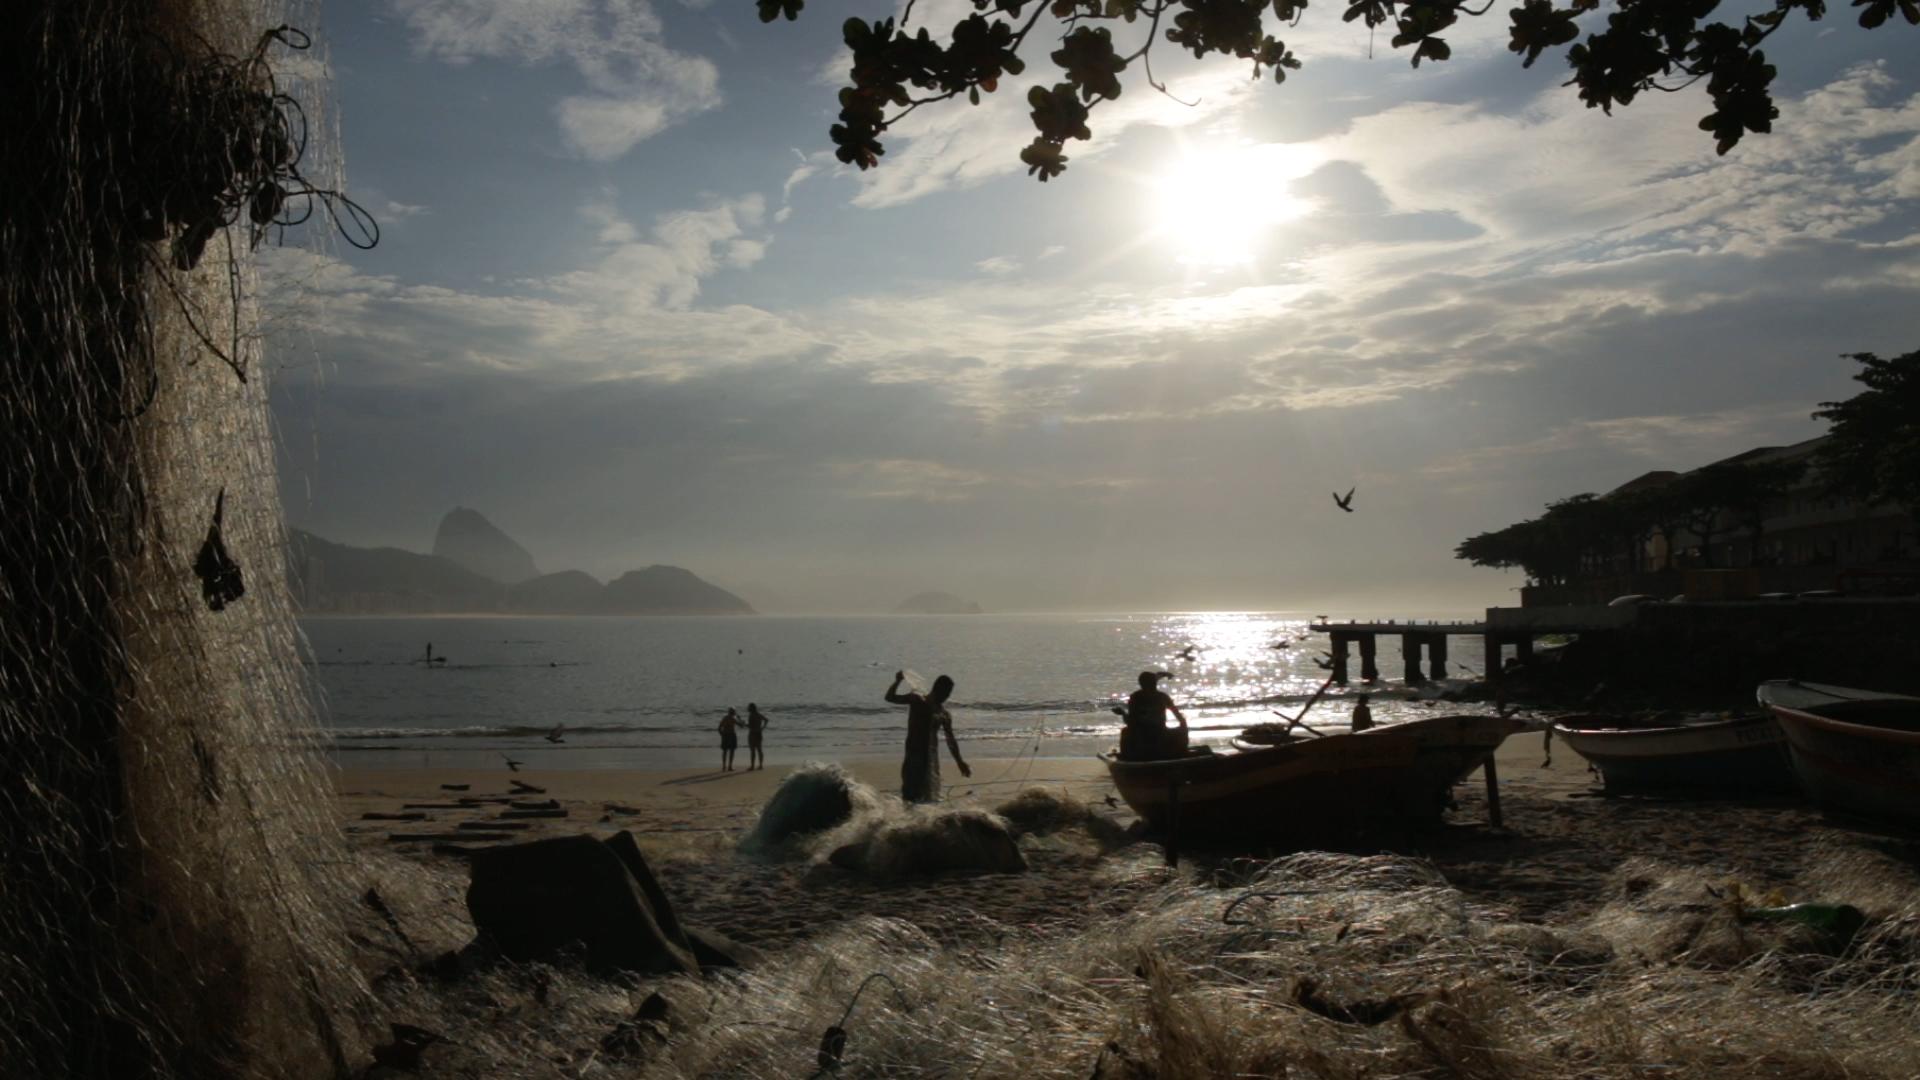 Mostra AIC 2015: um ano no Rio de Janeiro